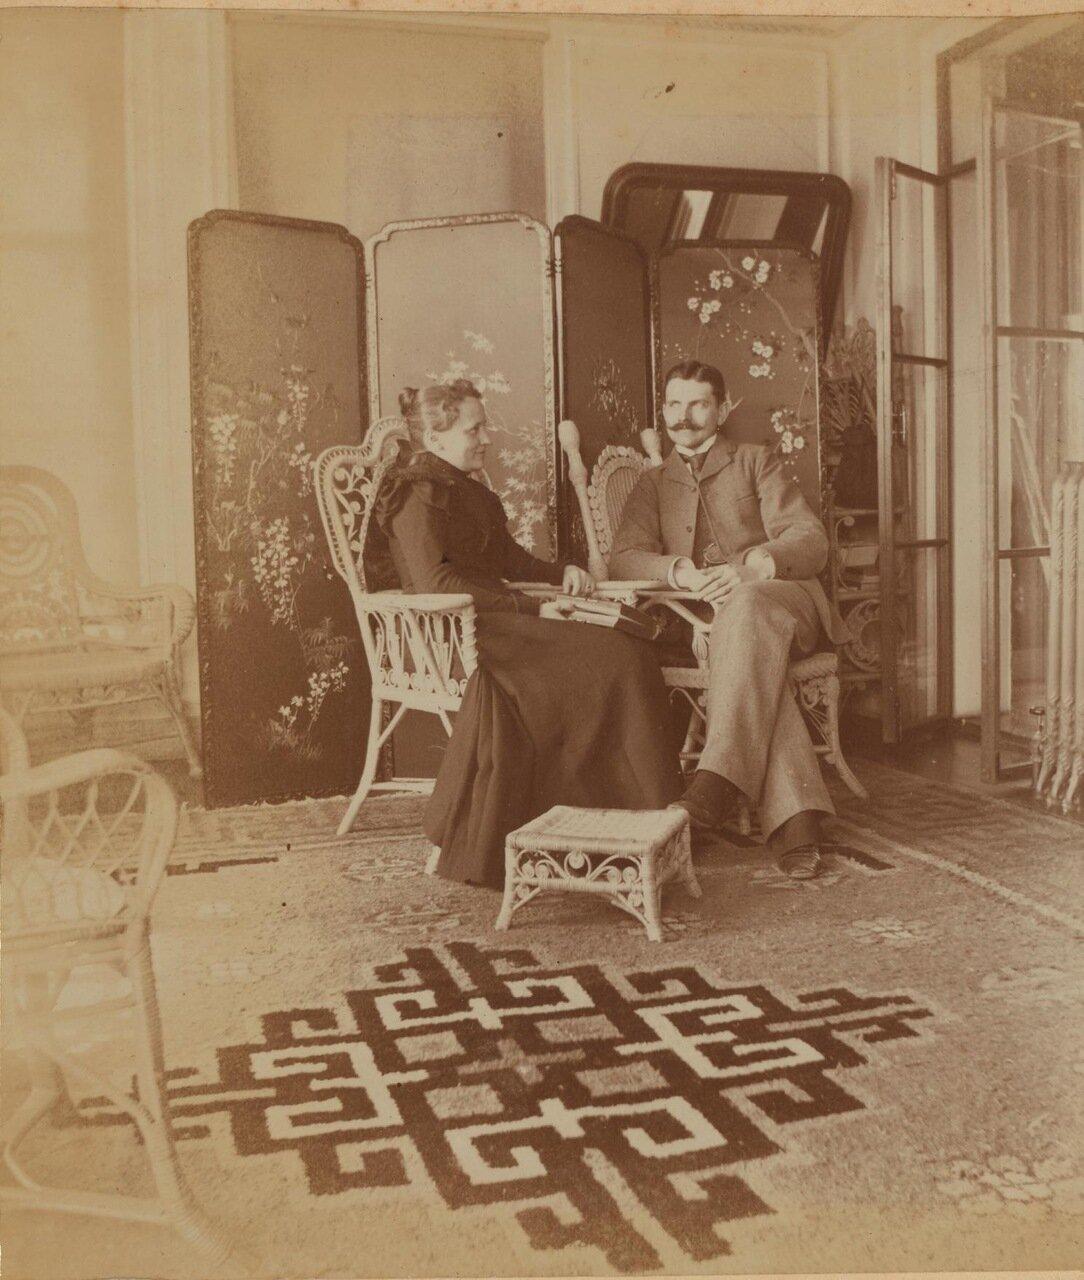 Сара Смит, в трауре по мужу, и ее брат Фредерик С. Прэй на террасе дома Смита. 1899